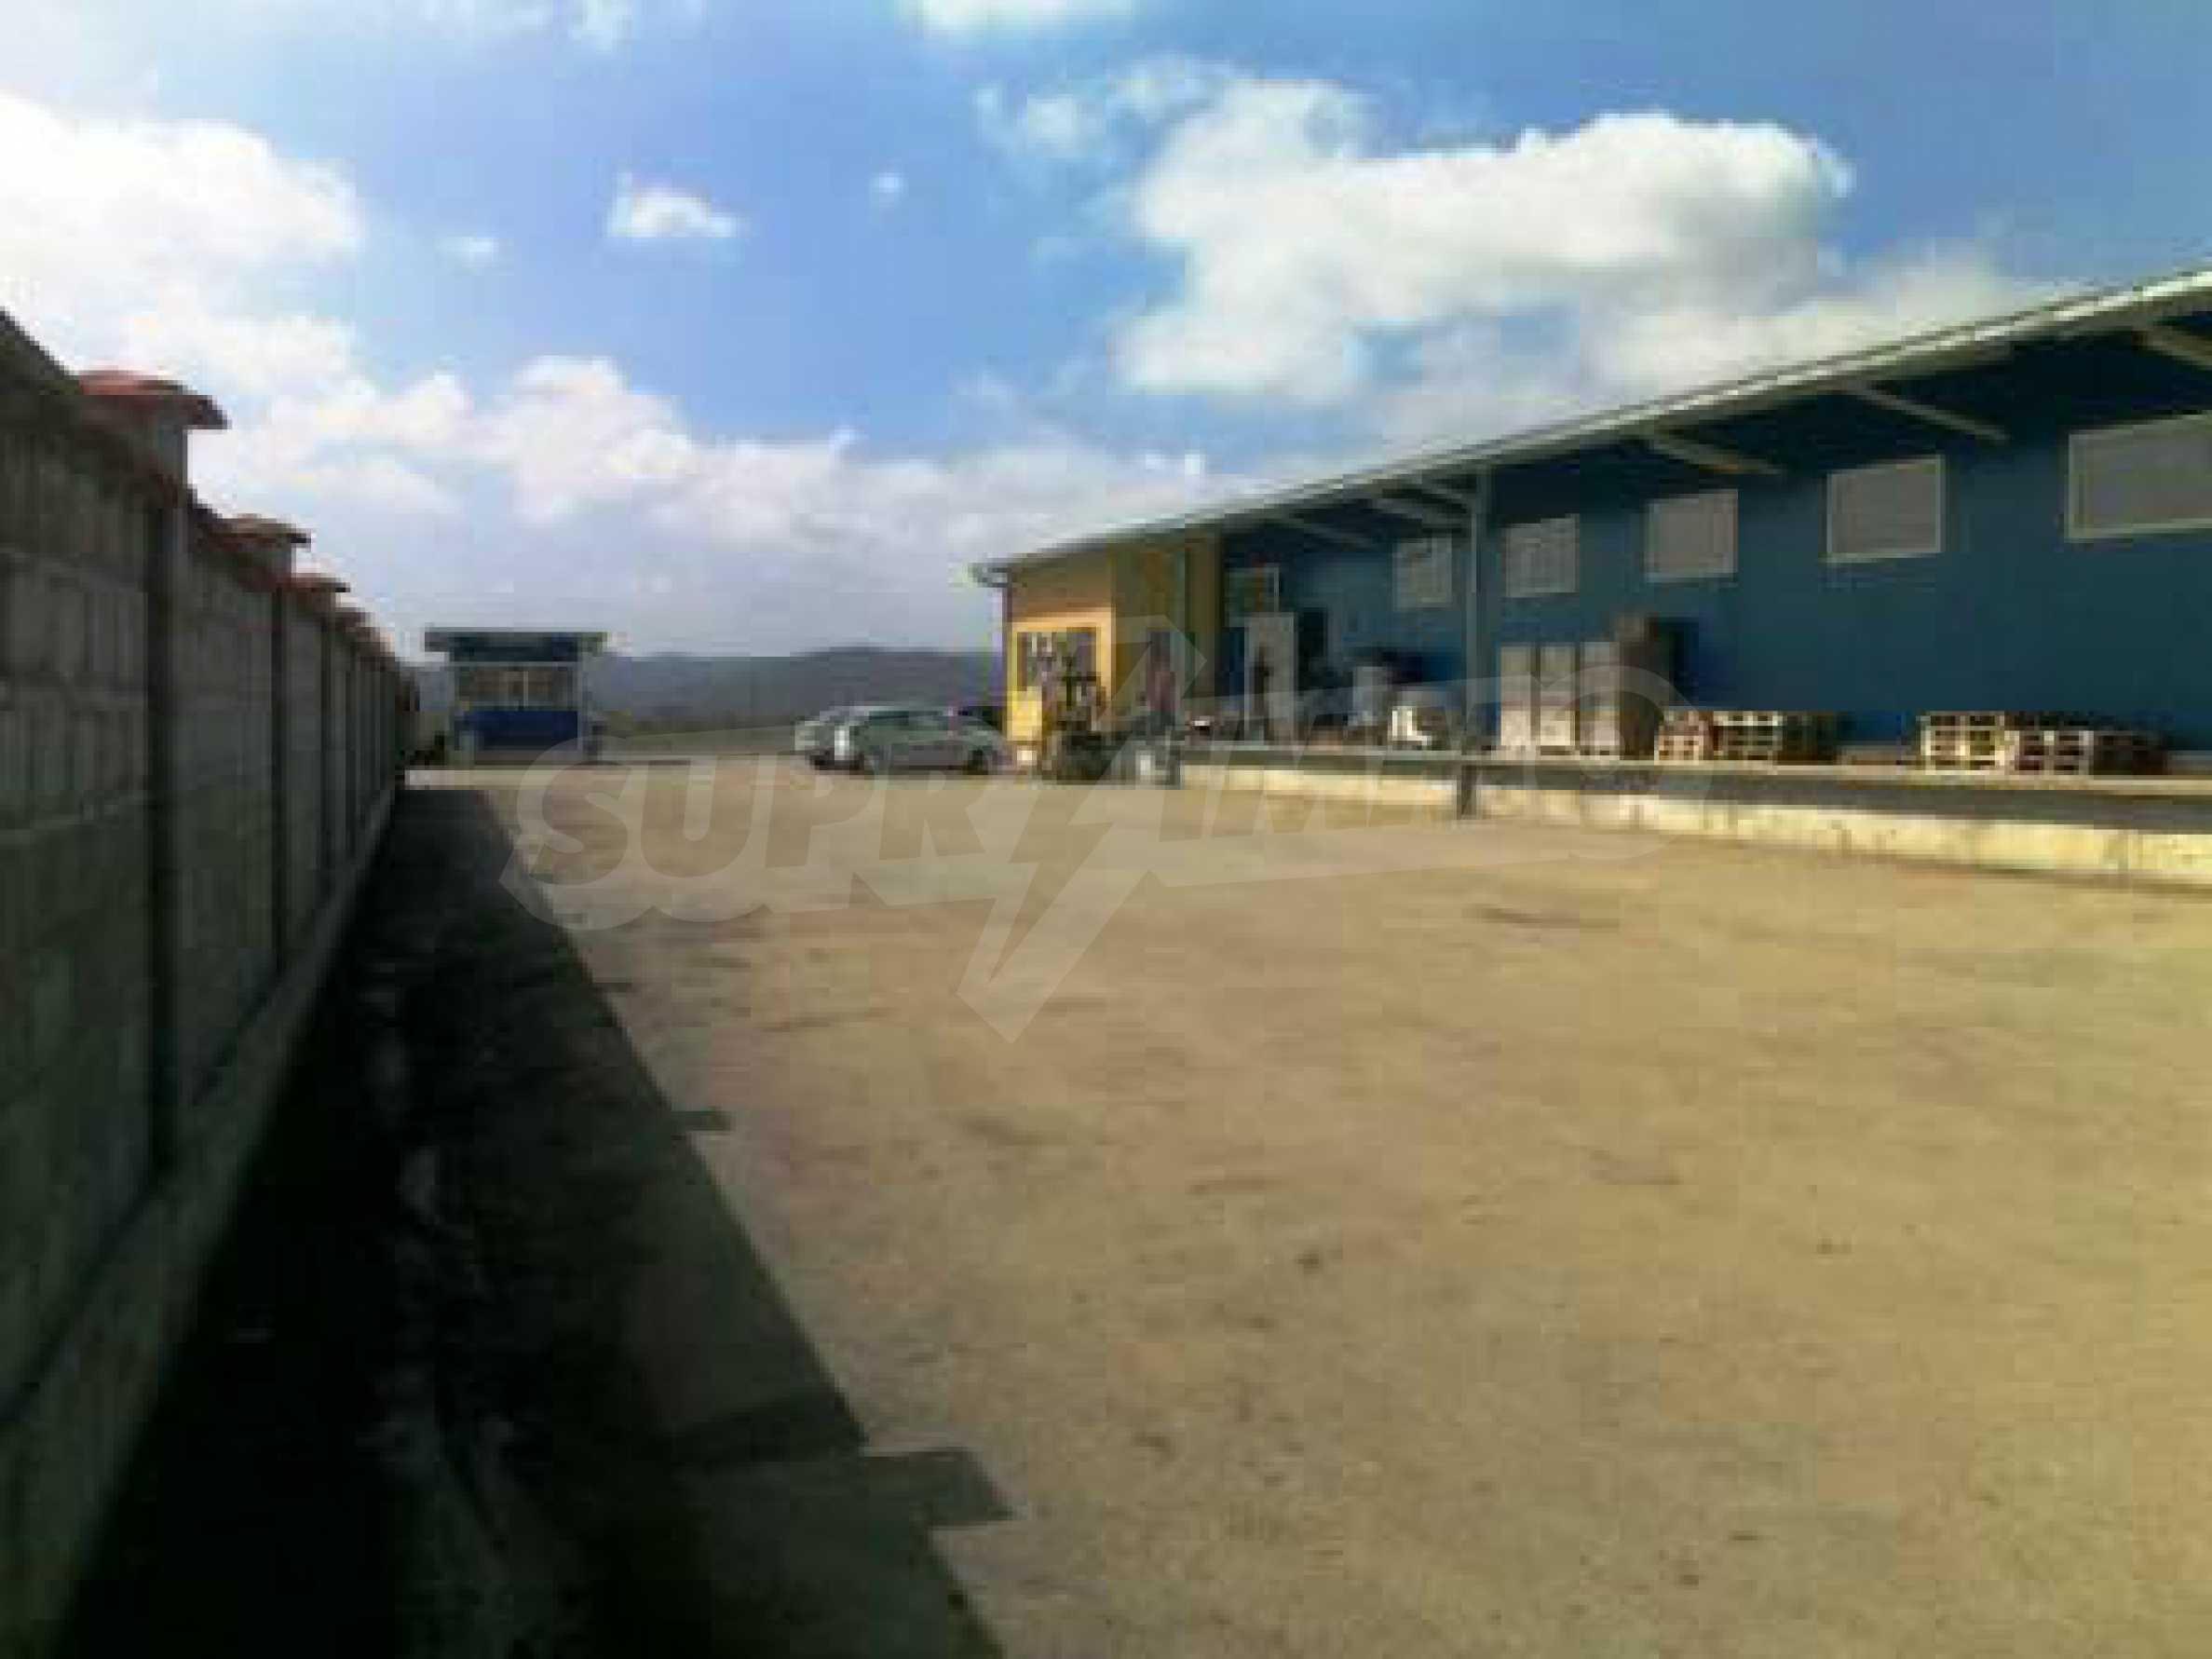 Handels- und Lagerbasis an der Hauptstraße Ruse - Svilengrad 6